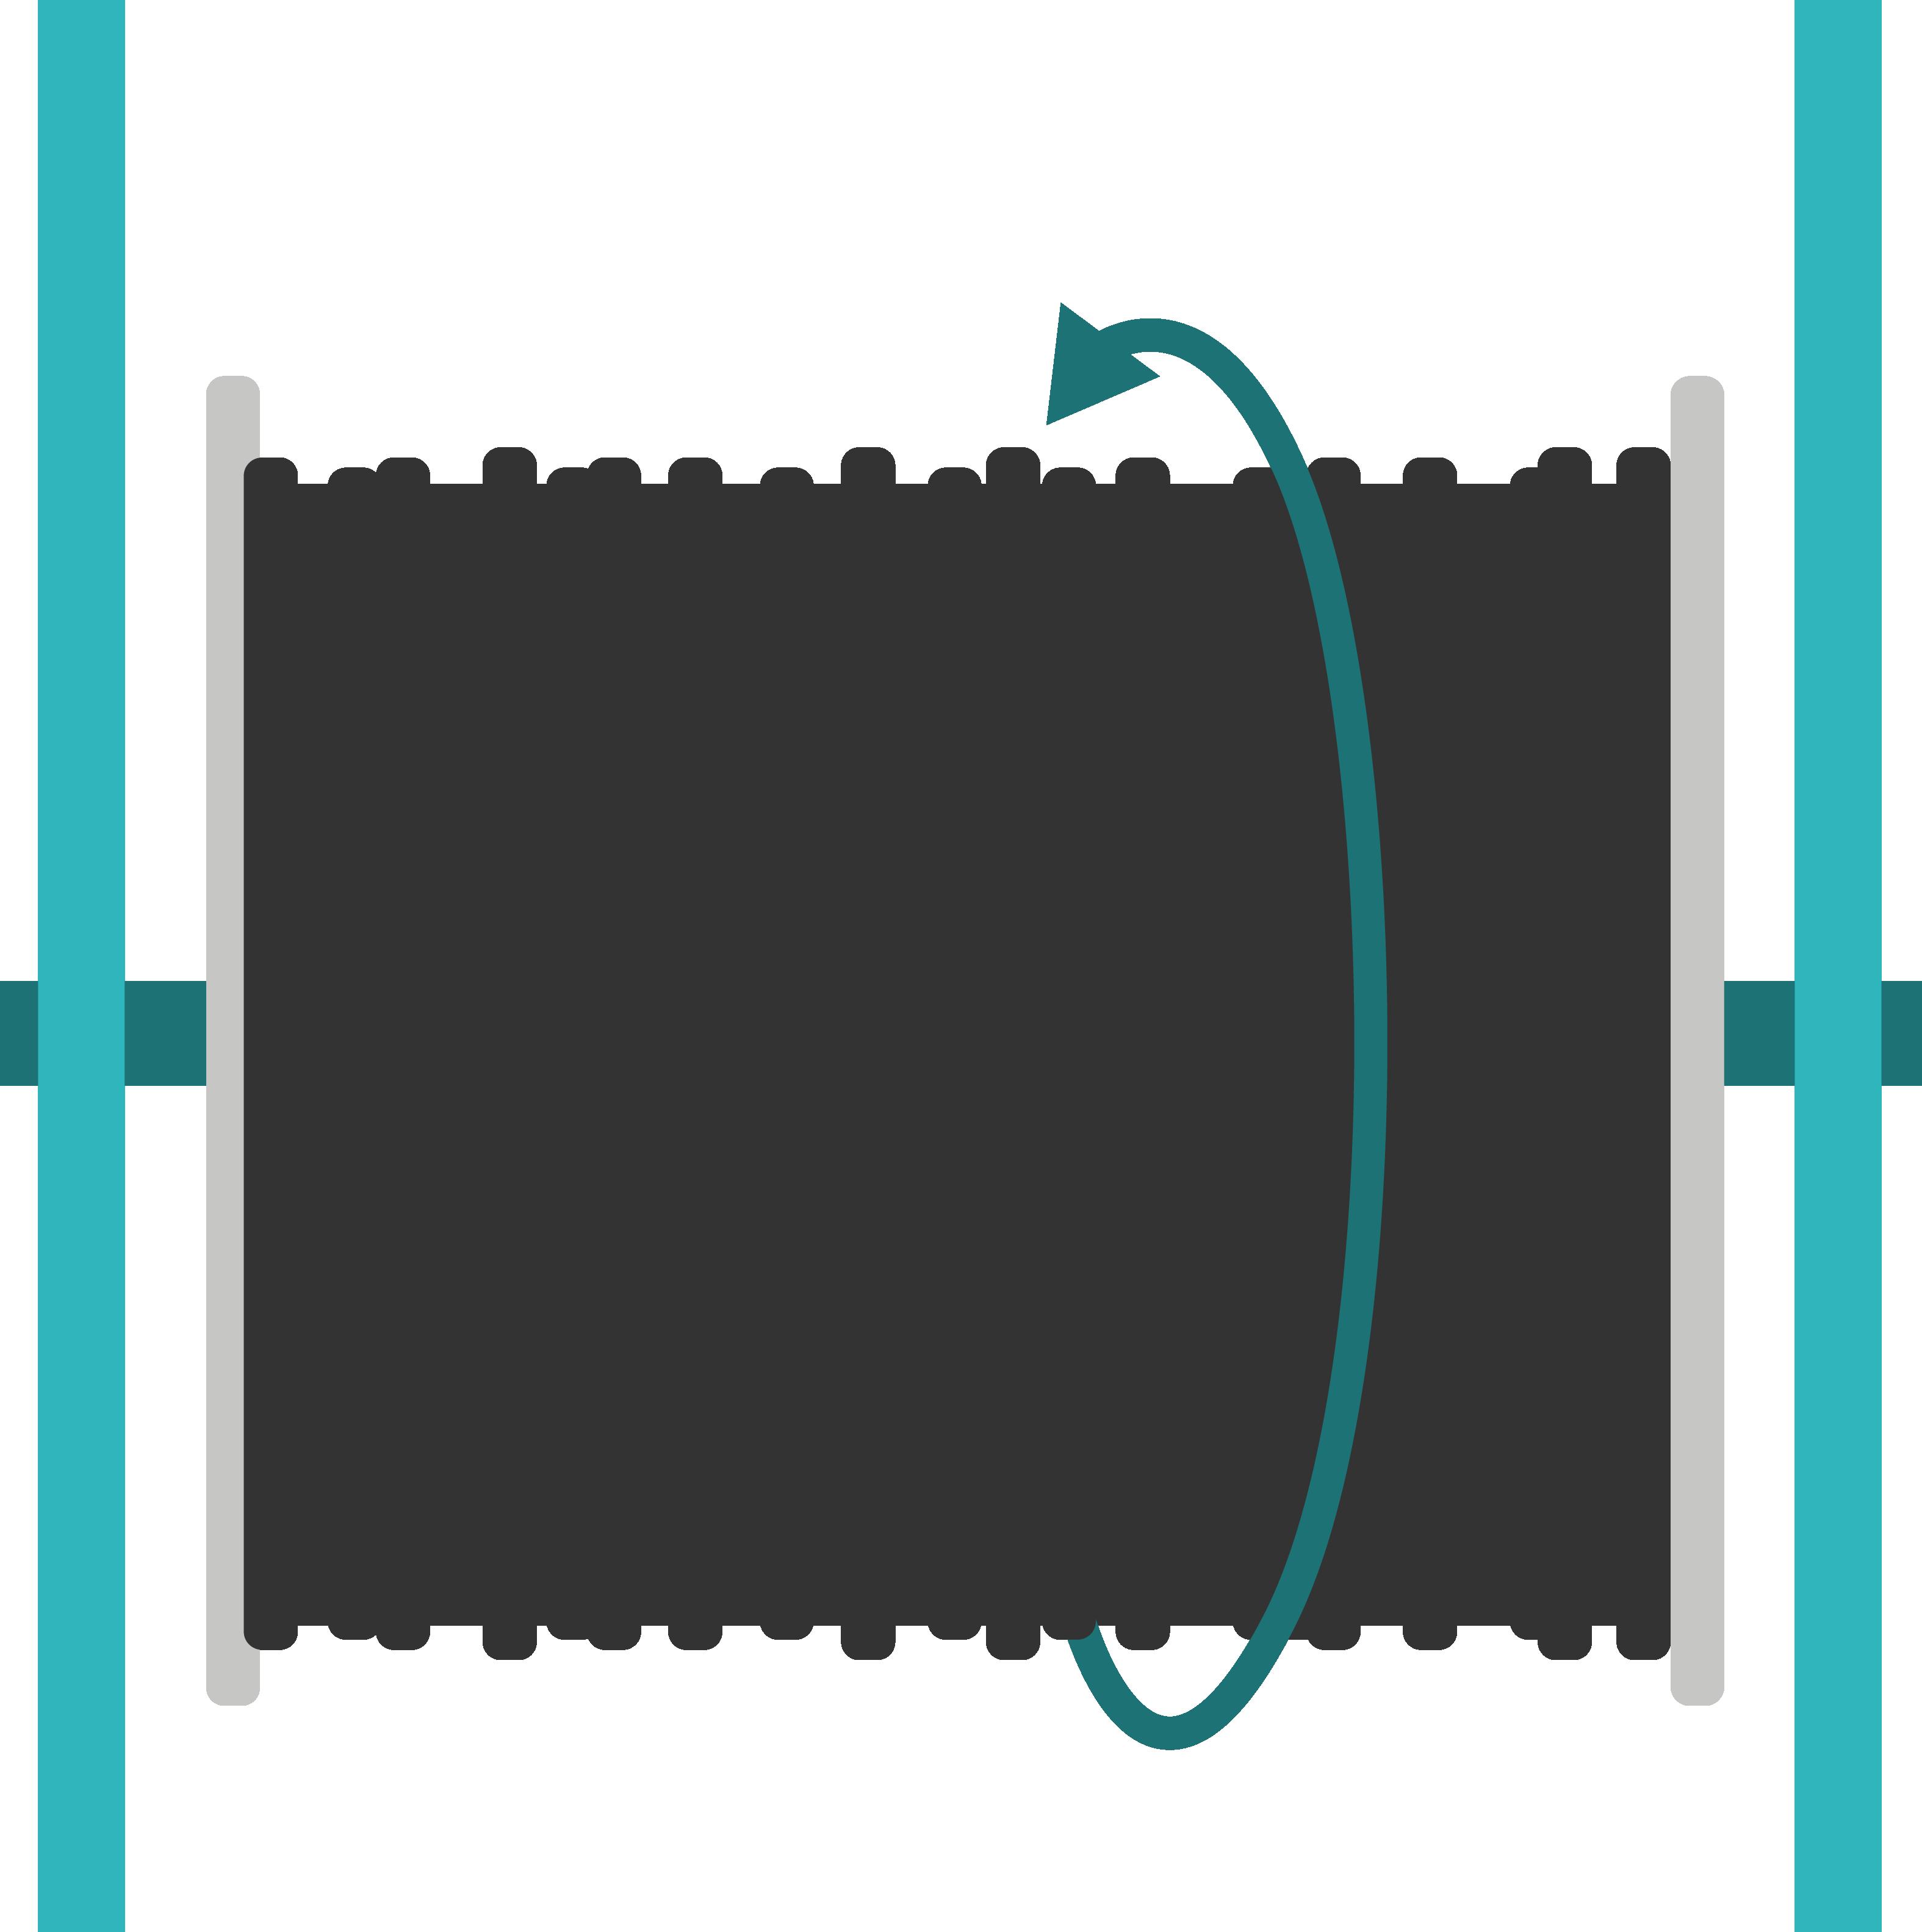 schéma de chandelles à vérin pour le déroulage de câbles télécoms